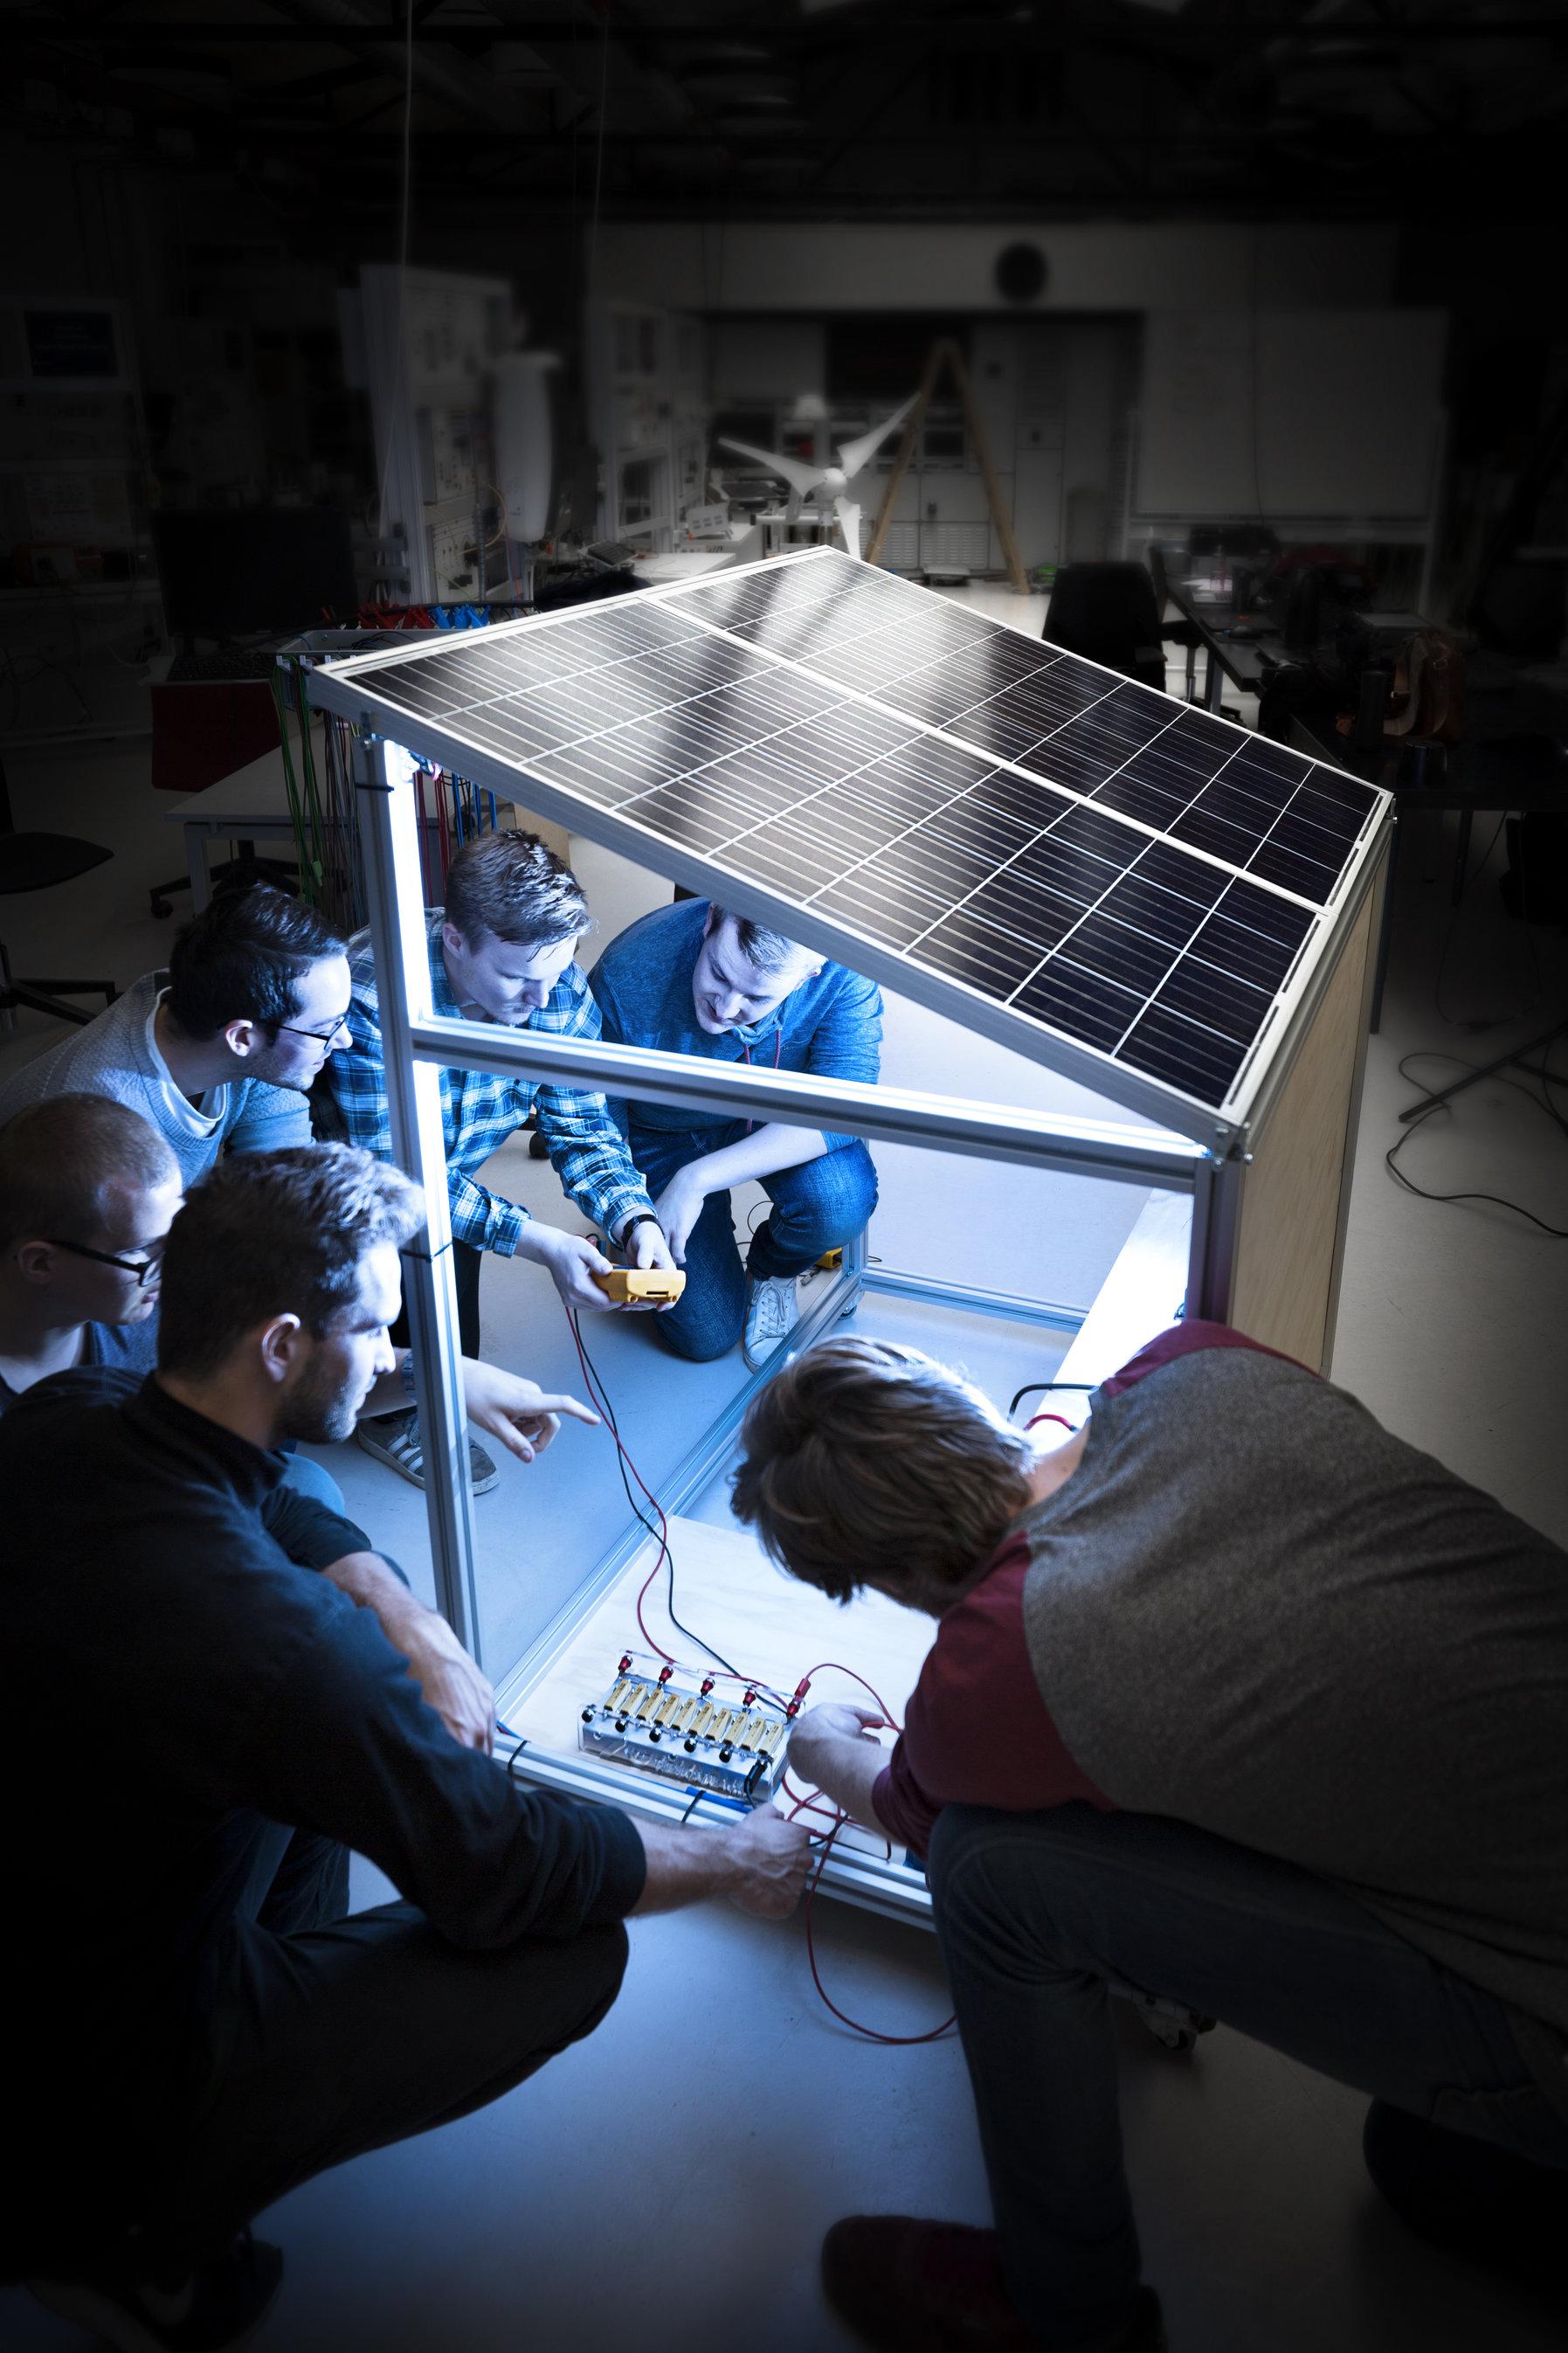 Ingeniørstuderende fra Aarhus Universitet tager i denne uge til internationalt klimatopmøde i København med deres bud på en solcelleløsning, der kan forsyne landområder i Afrika med strøm. Foto: Melissa Yildirim, AU Foto.